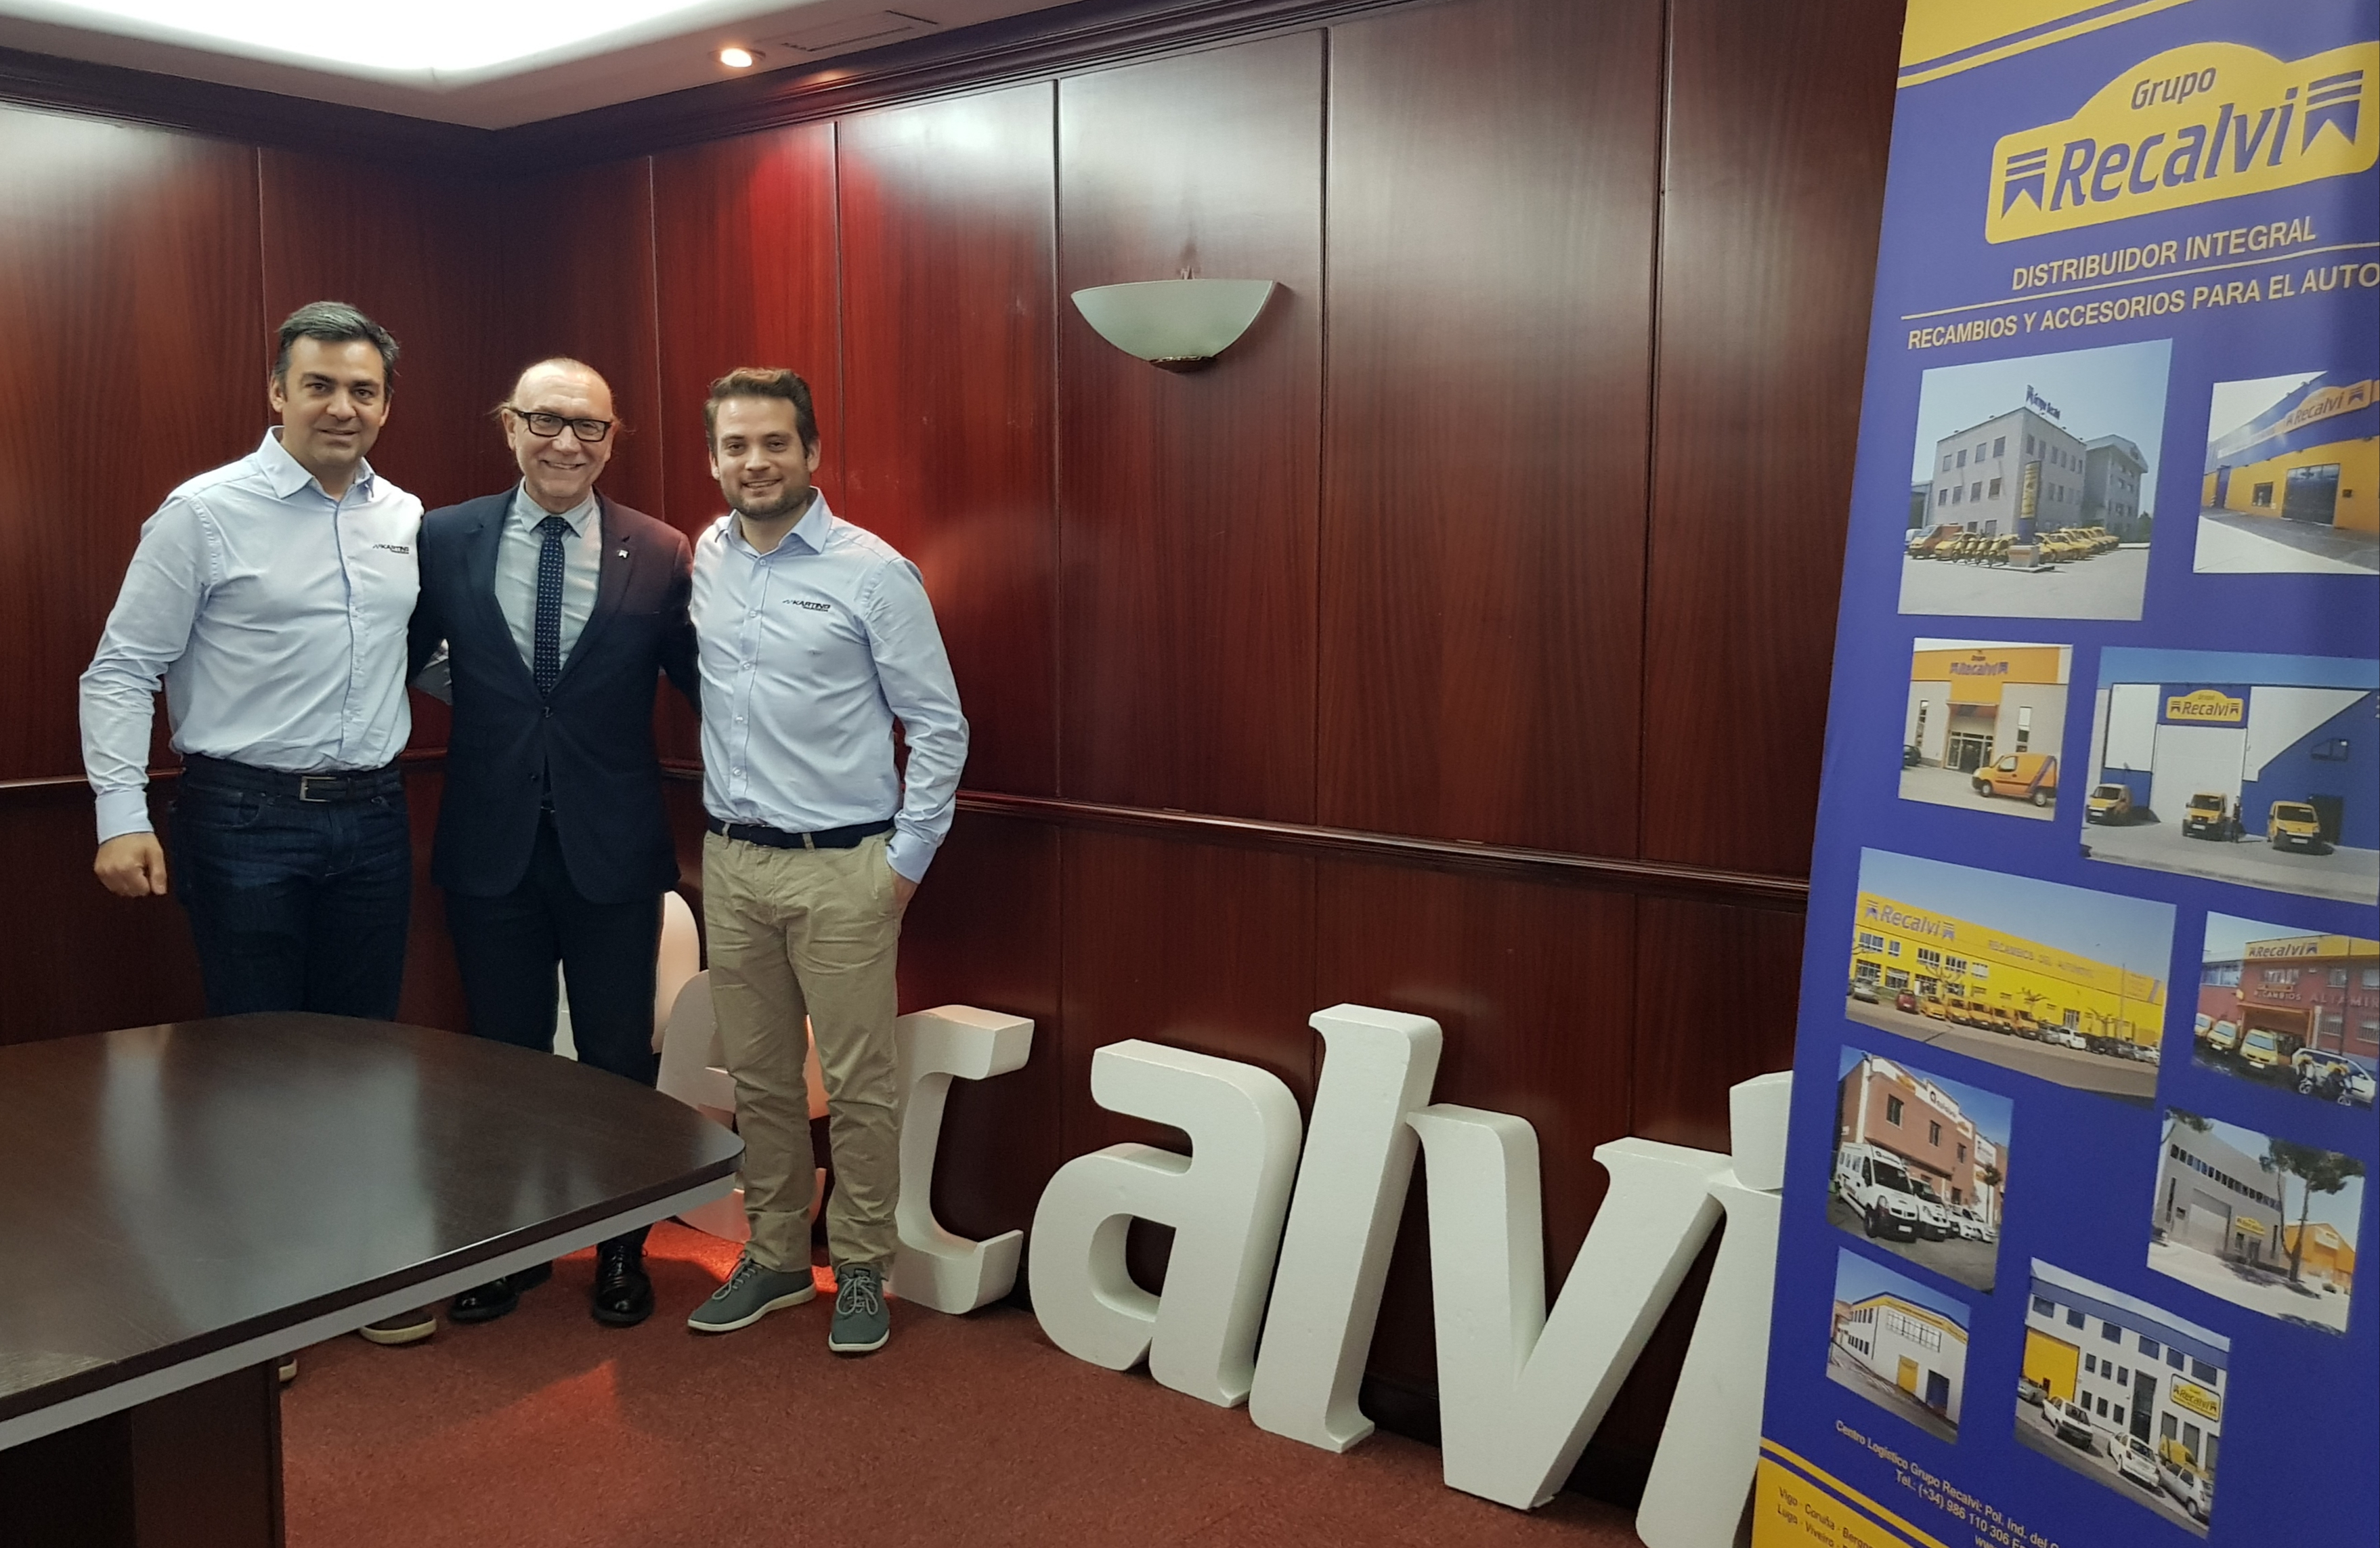 Grupo Recalvi patrocinará a Karting Marineda por cinco años más